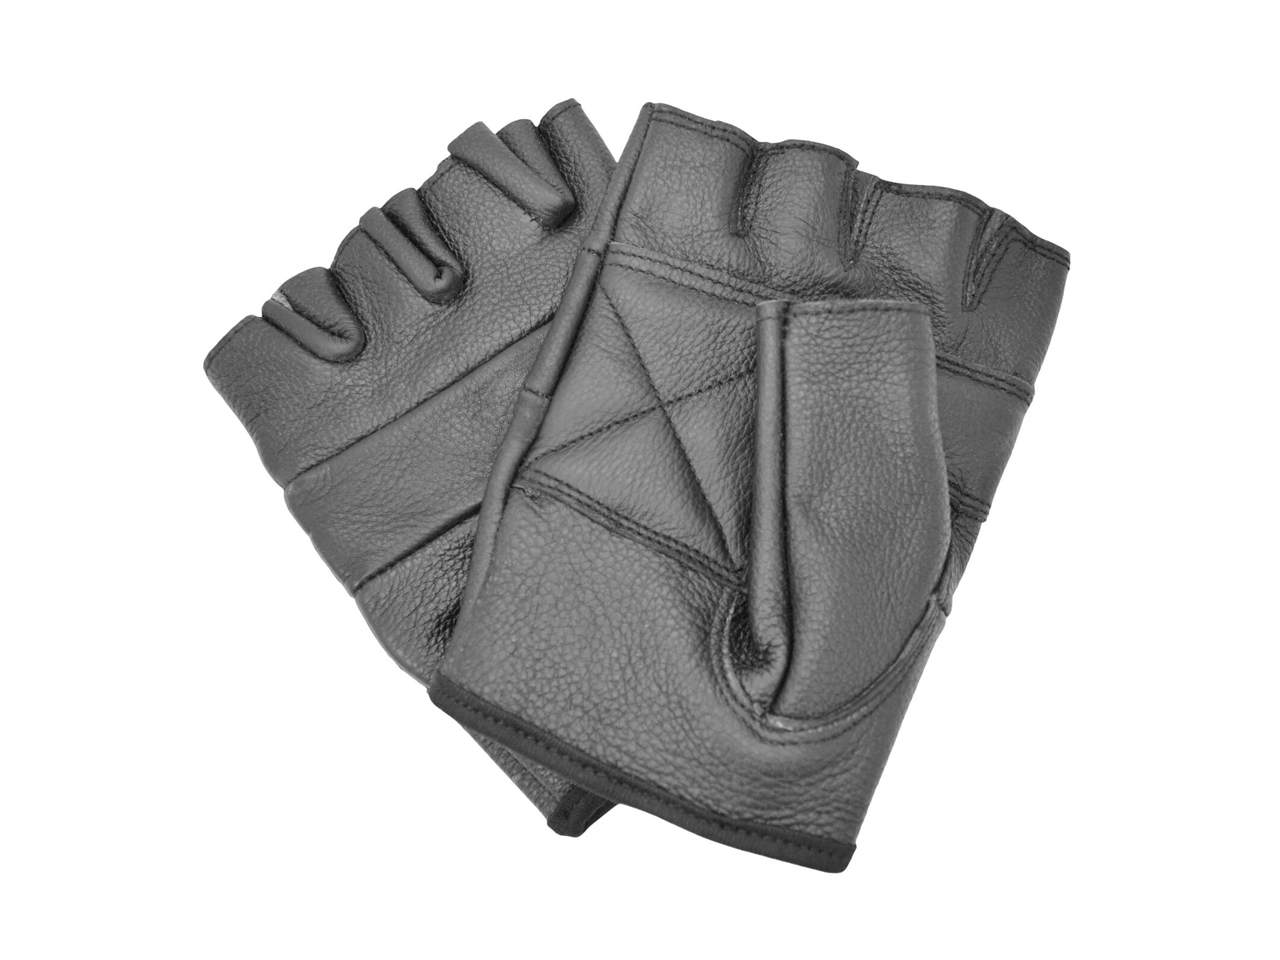 Leather Fingerless Biker Gloves Bullet 69